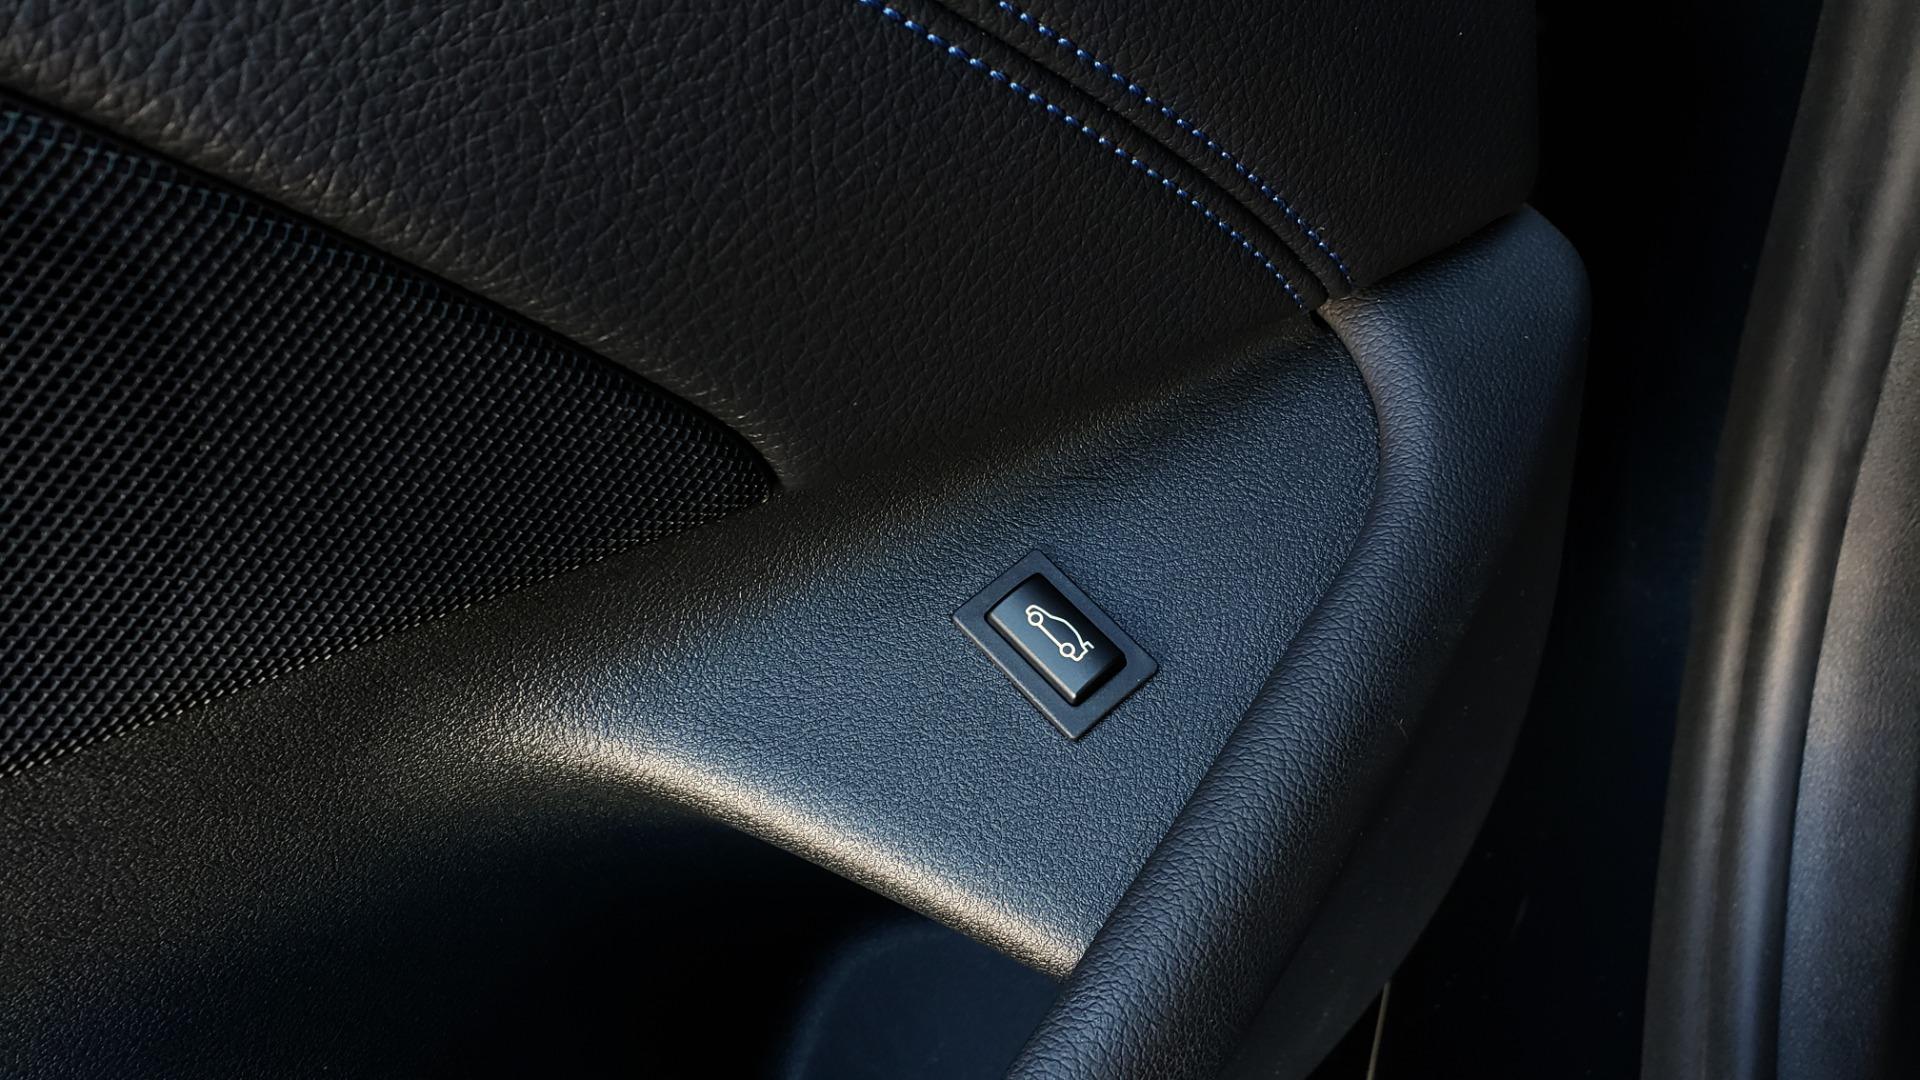 Used 2017 BMW 5 SERIES 530I M-SPORT / PREM PKG / DRVR ASST / HUD / NAV / REARVIEW for sale $33,995 at Formula Imports in Charlotte NC 28227 32